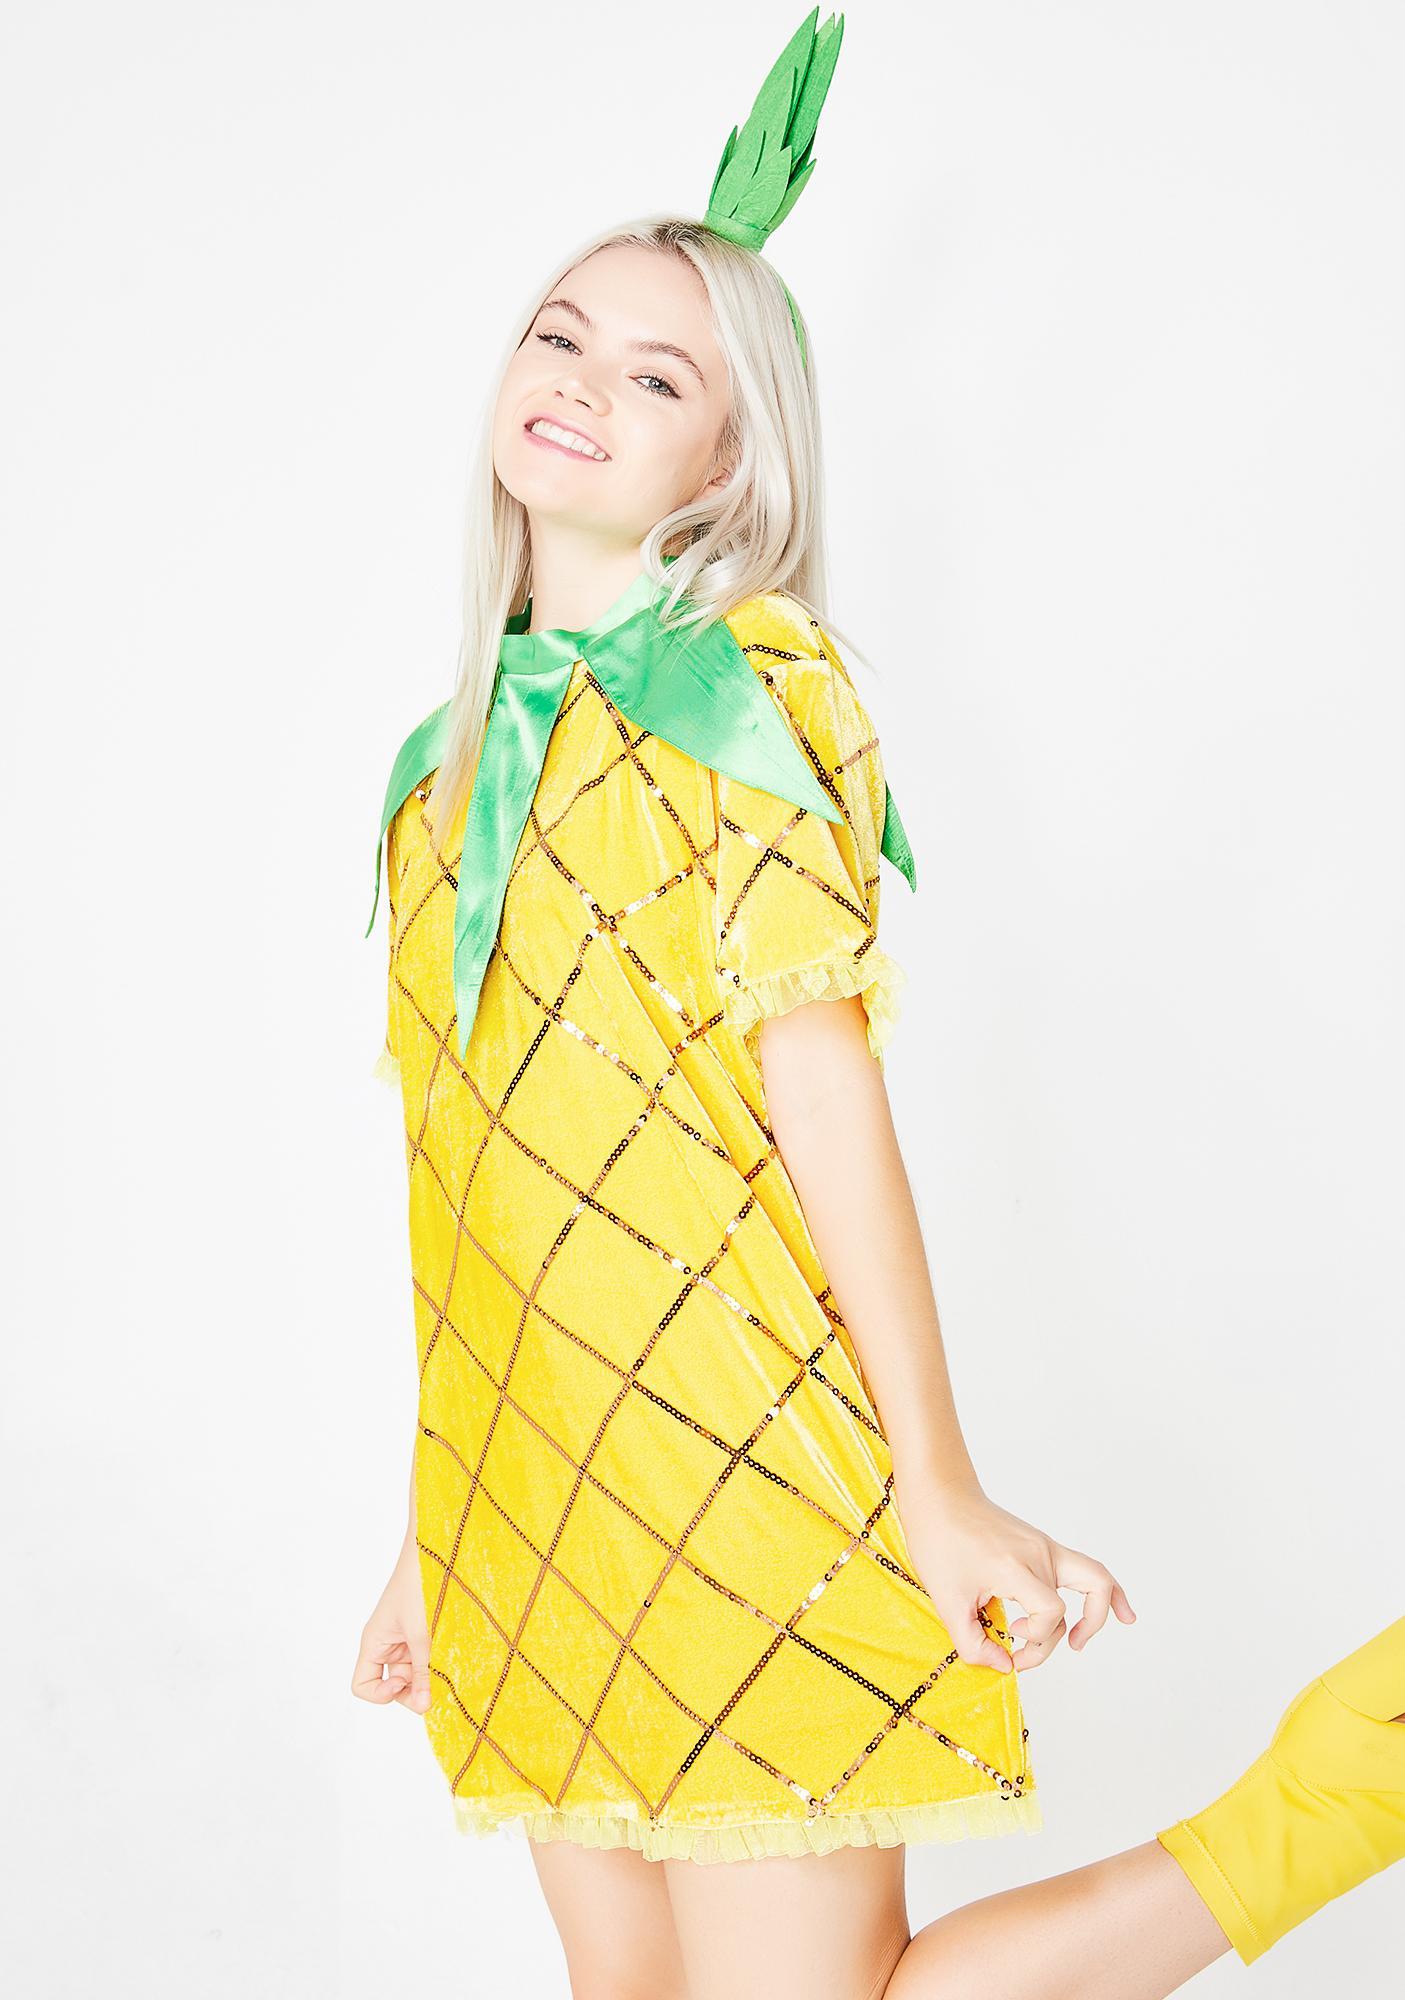 Trickz & Treatz Lil Miss Fine-Apple Costume